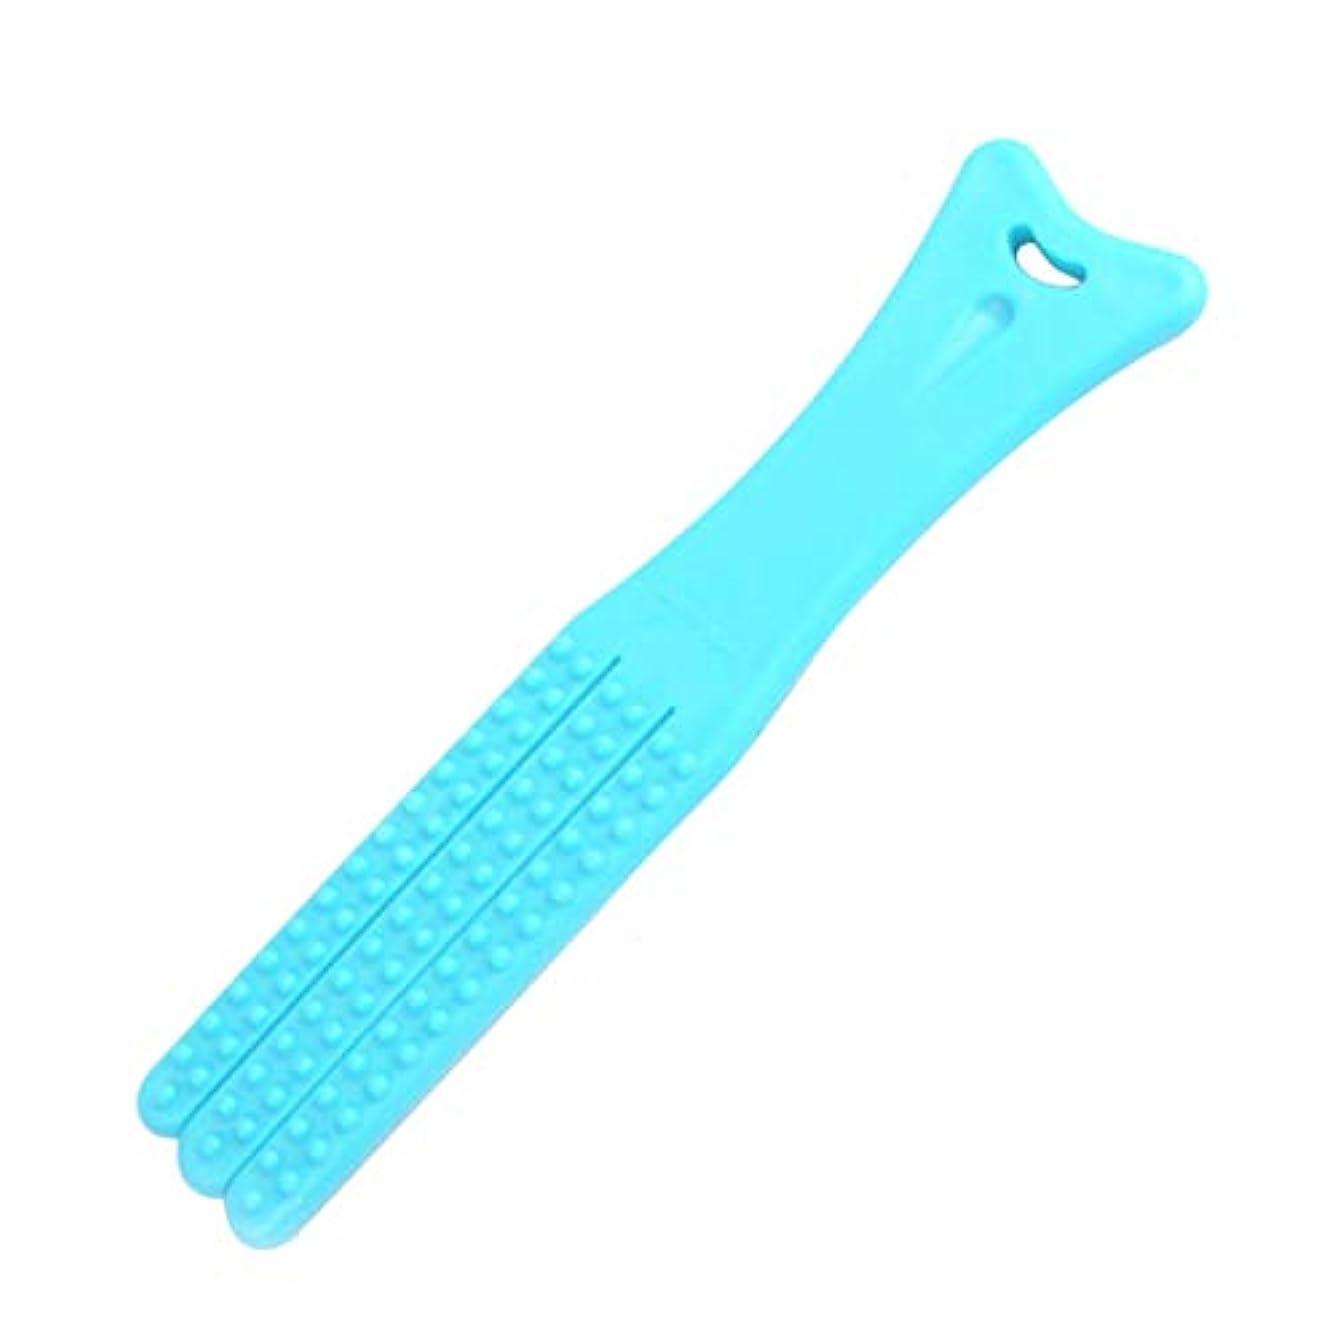 推定するディンカルビルティッシュPerfeclan ボディマッサージ ハンマーノック ツボ押しハンマー 健康マッサージ 筋肉 ストレス解消 全2色 - 青